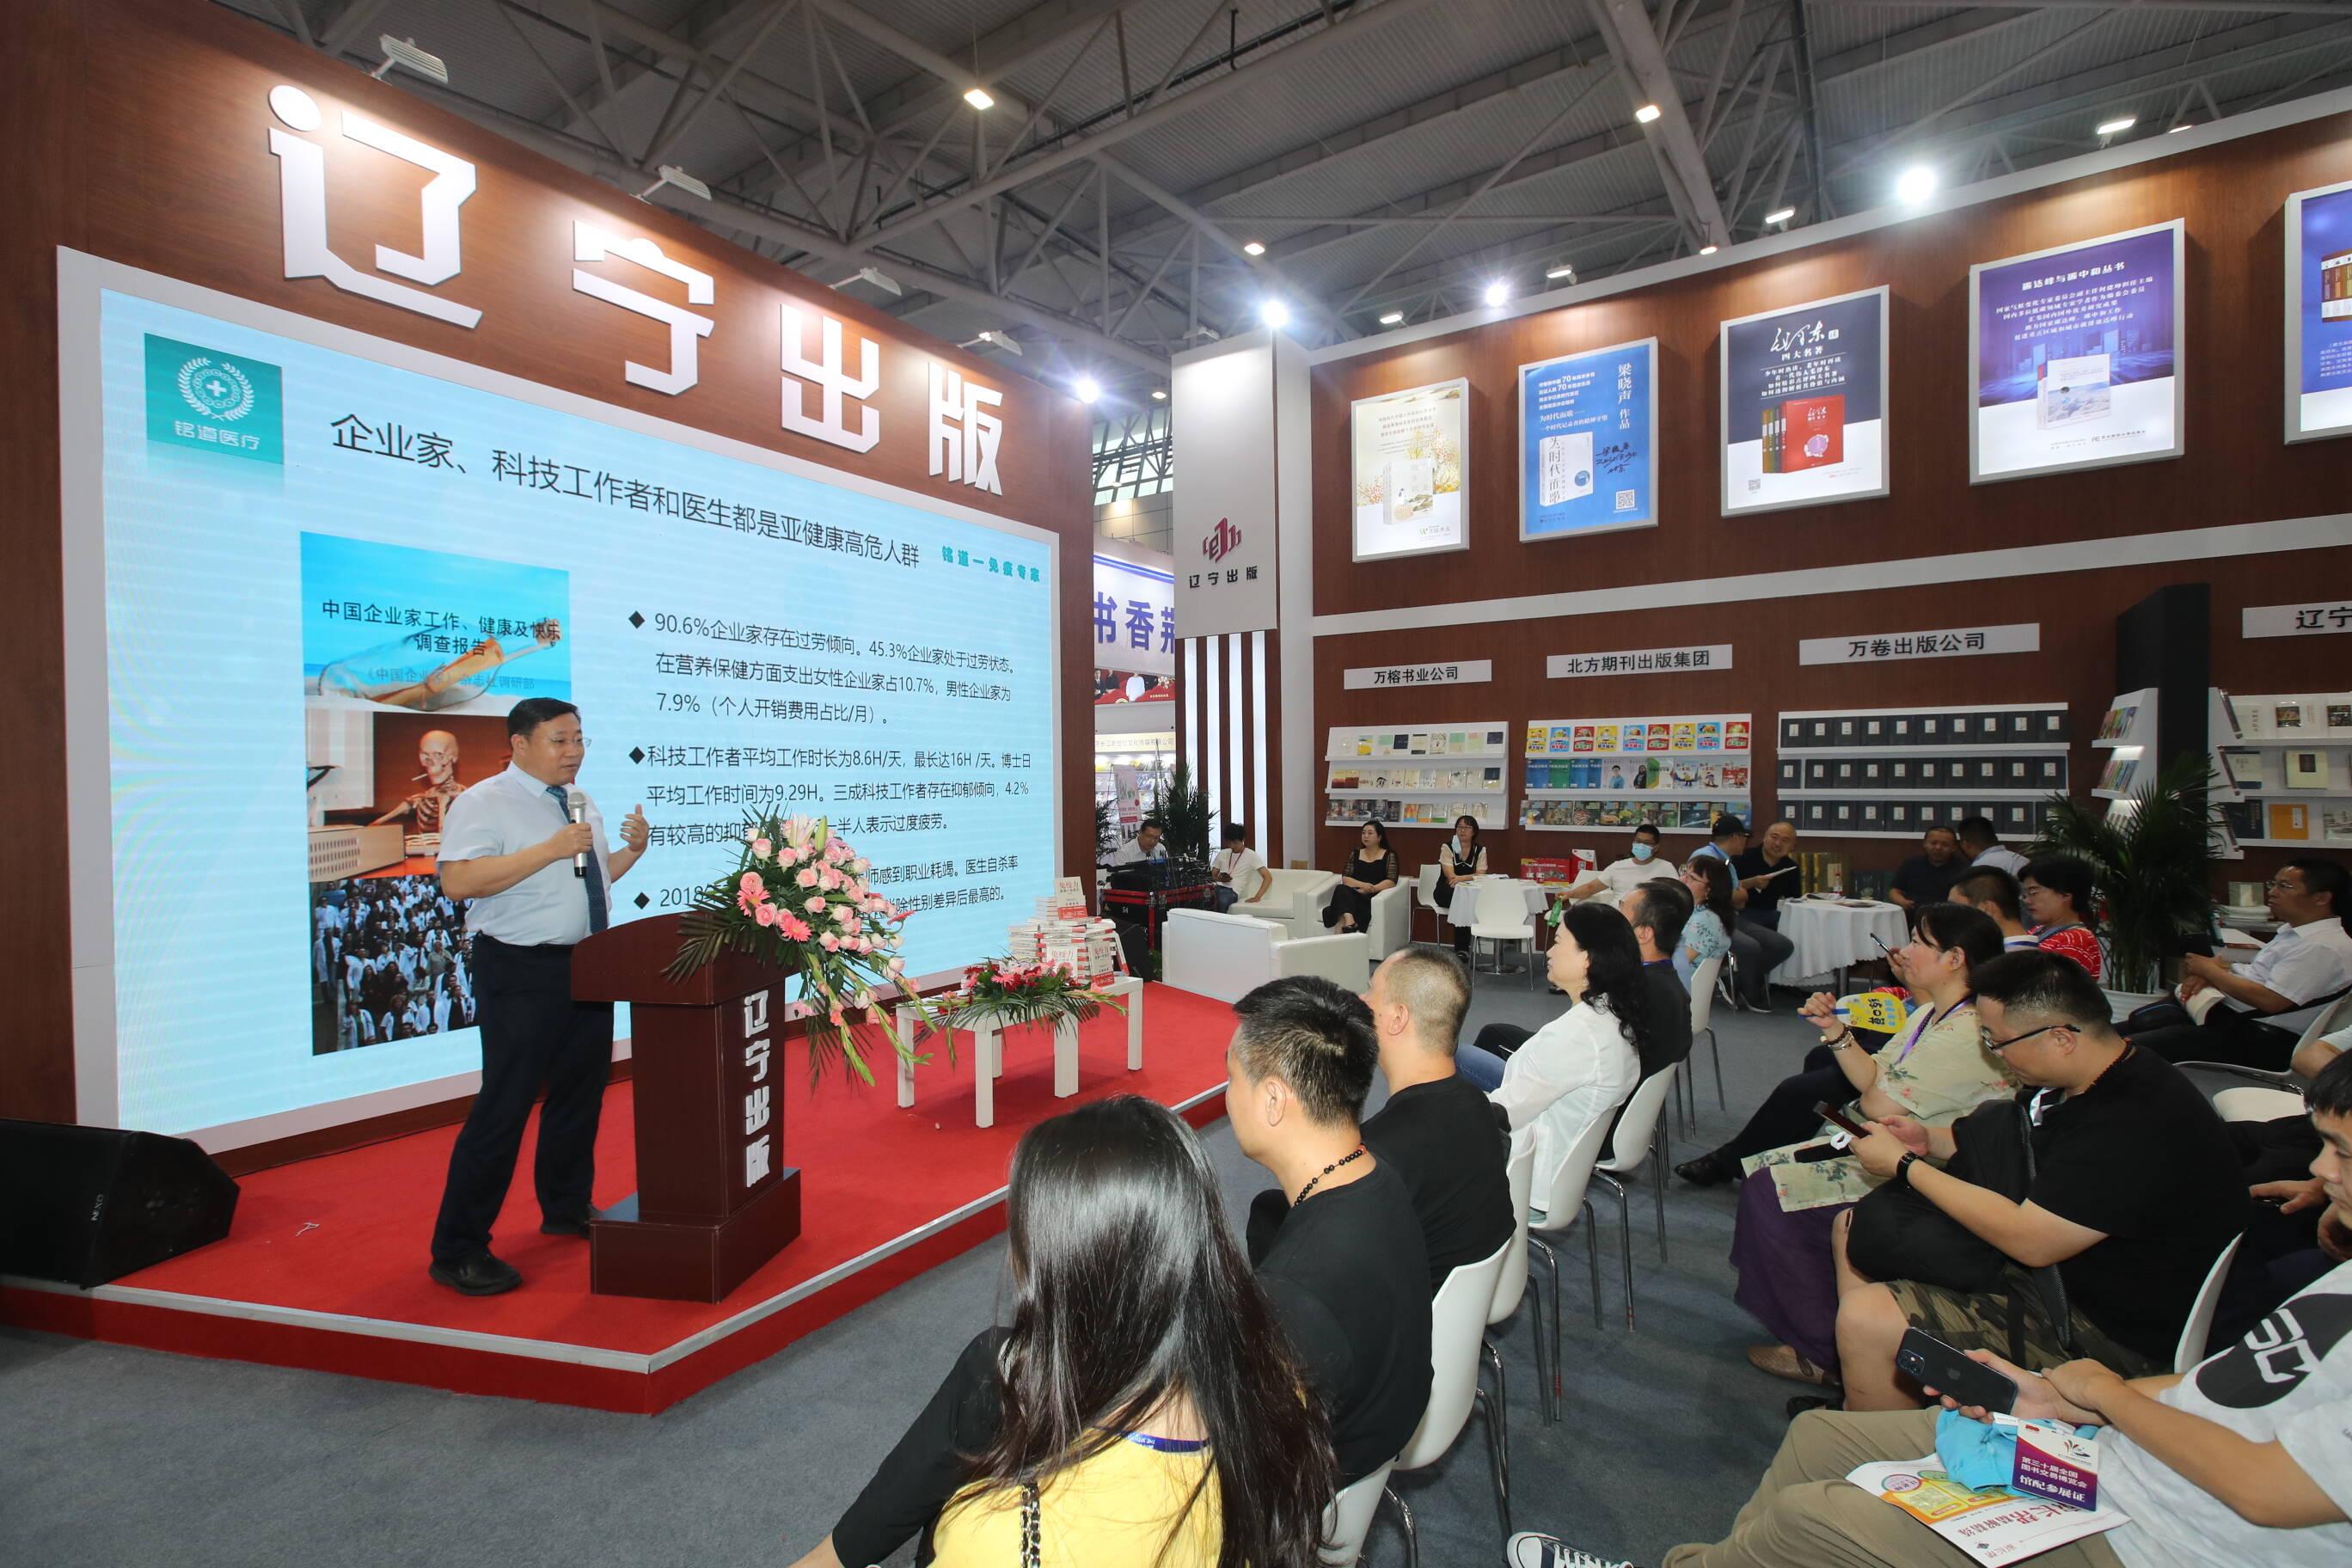 第30届全国图书交易博览会开幕首日 新书发布活动多